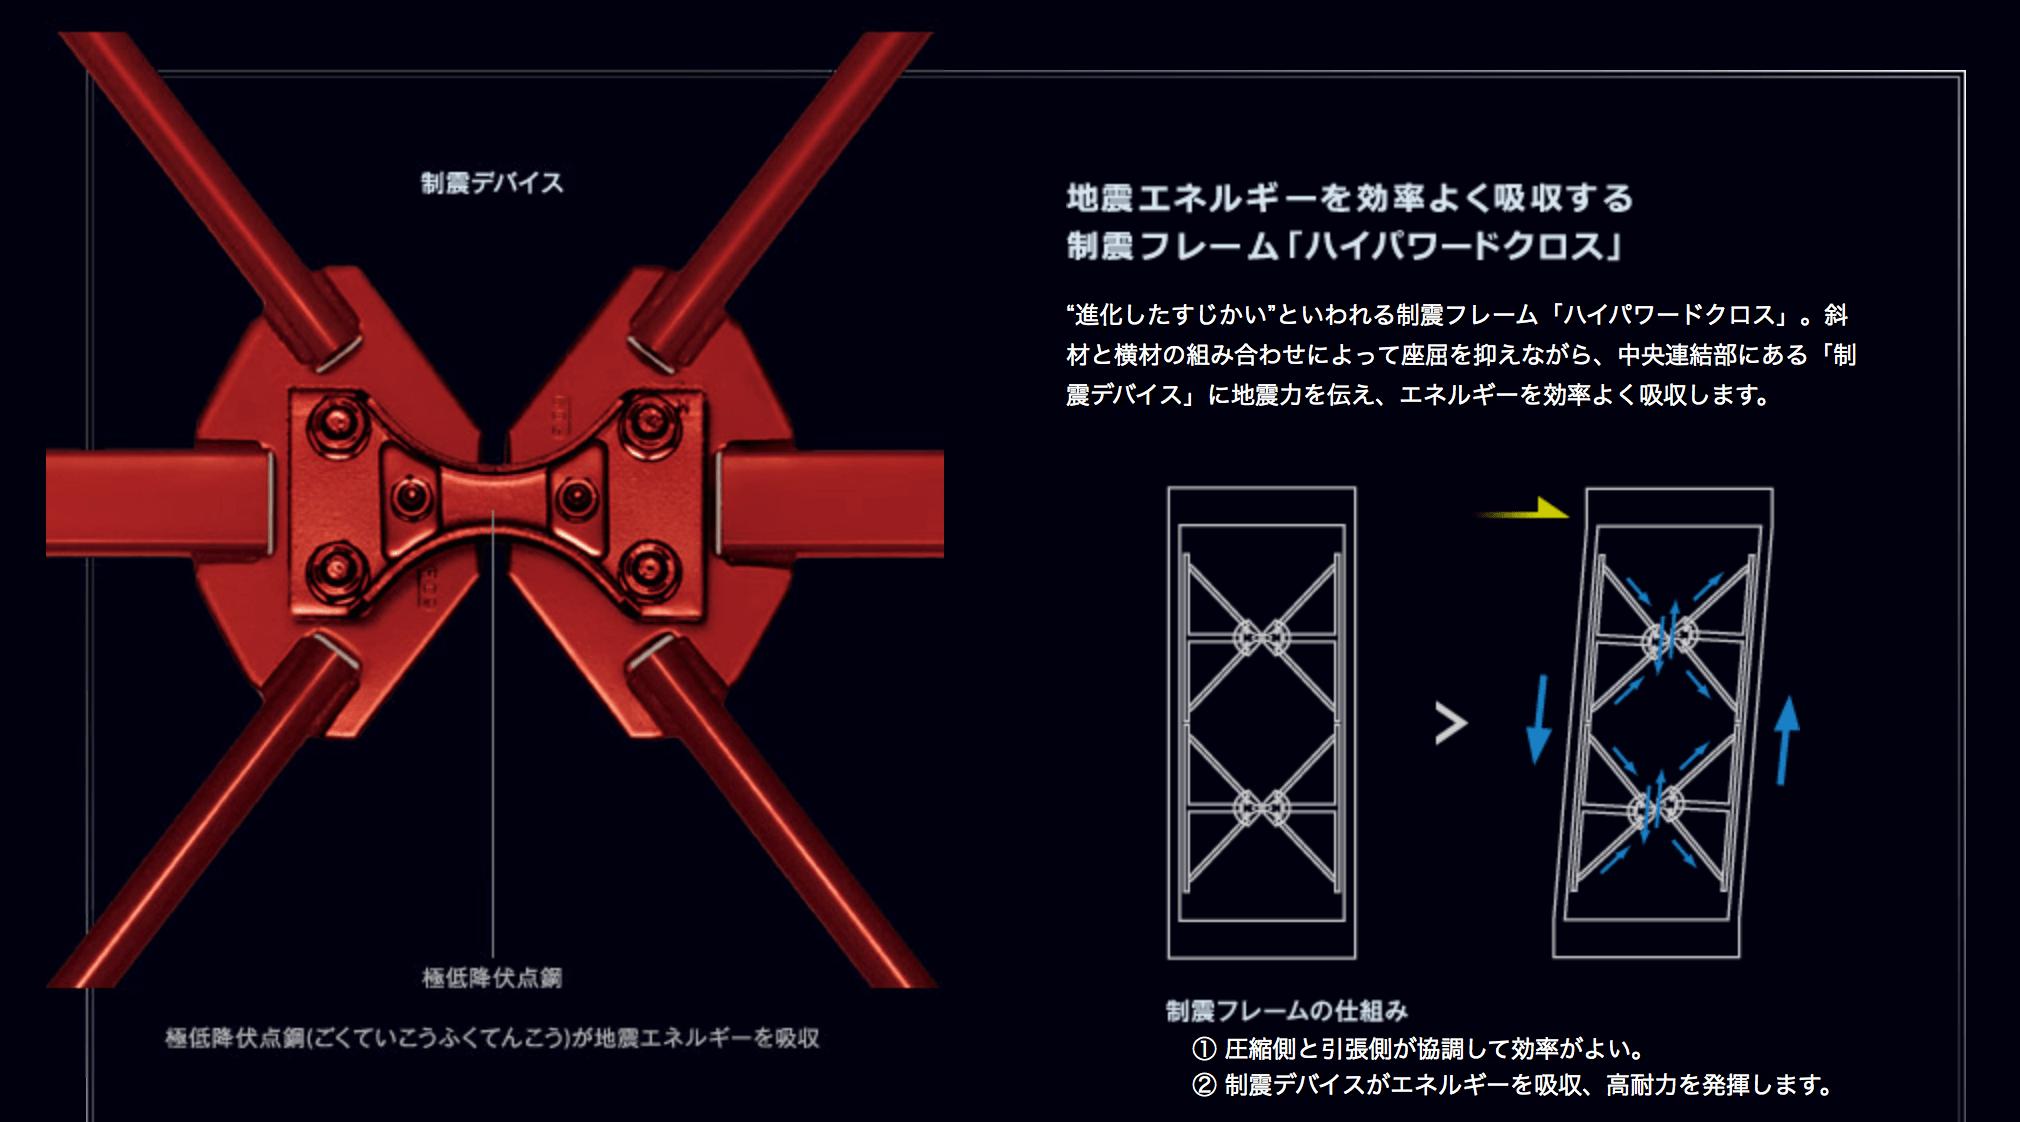 制震フレーム「ハイパワードクロス」